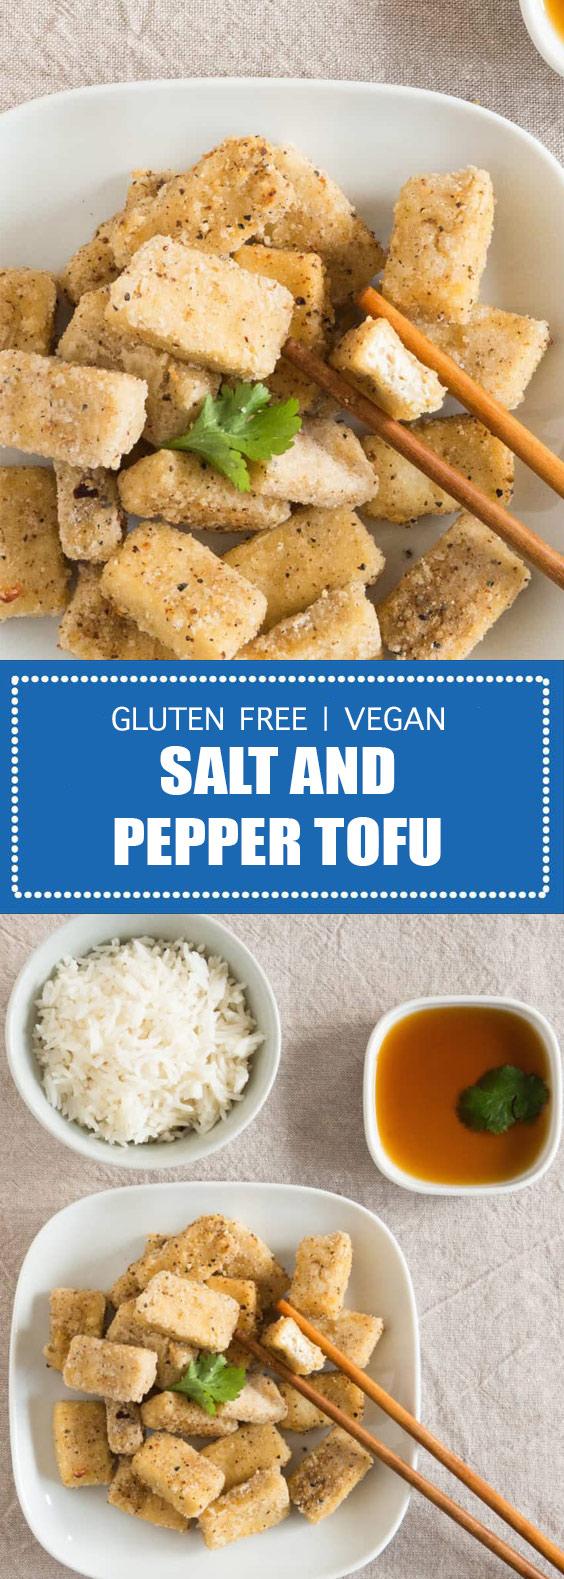 Gluten Free Salt and Pepper Tofu